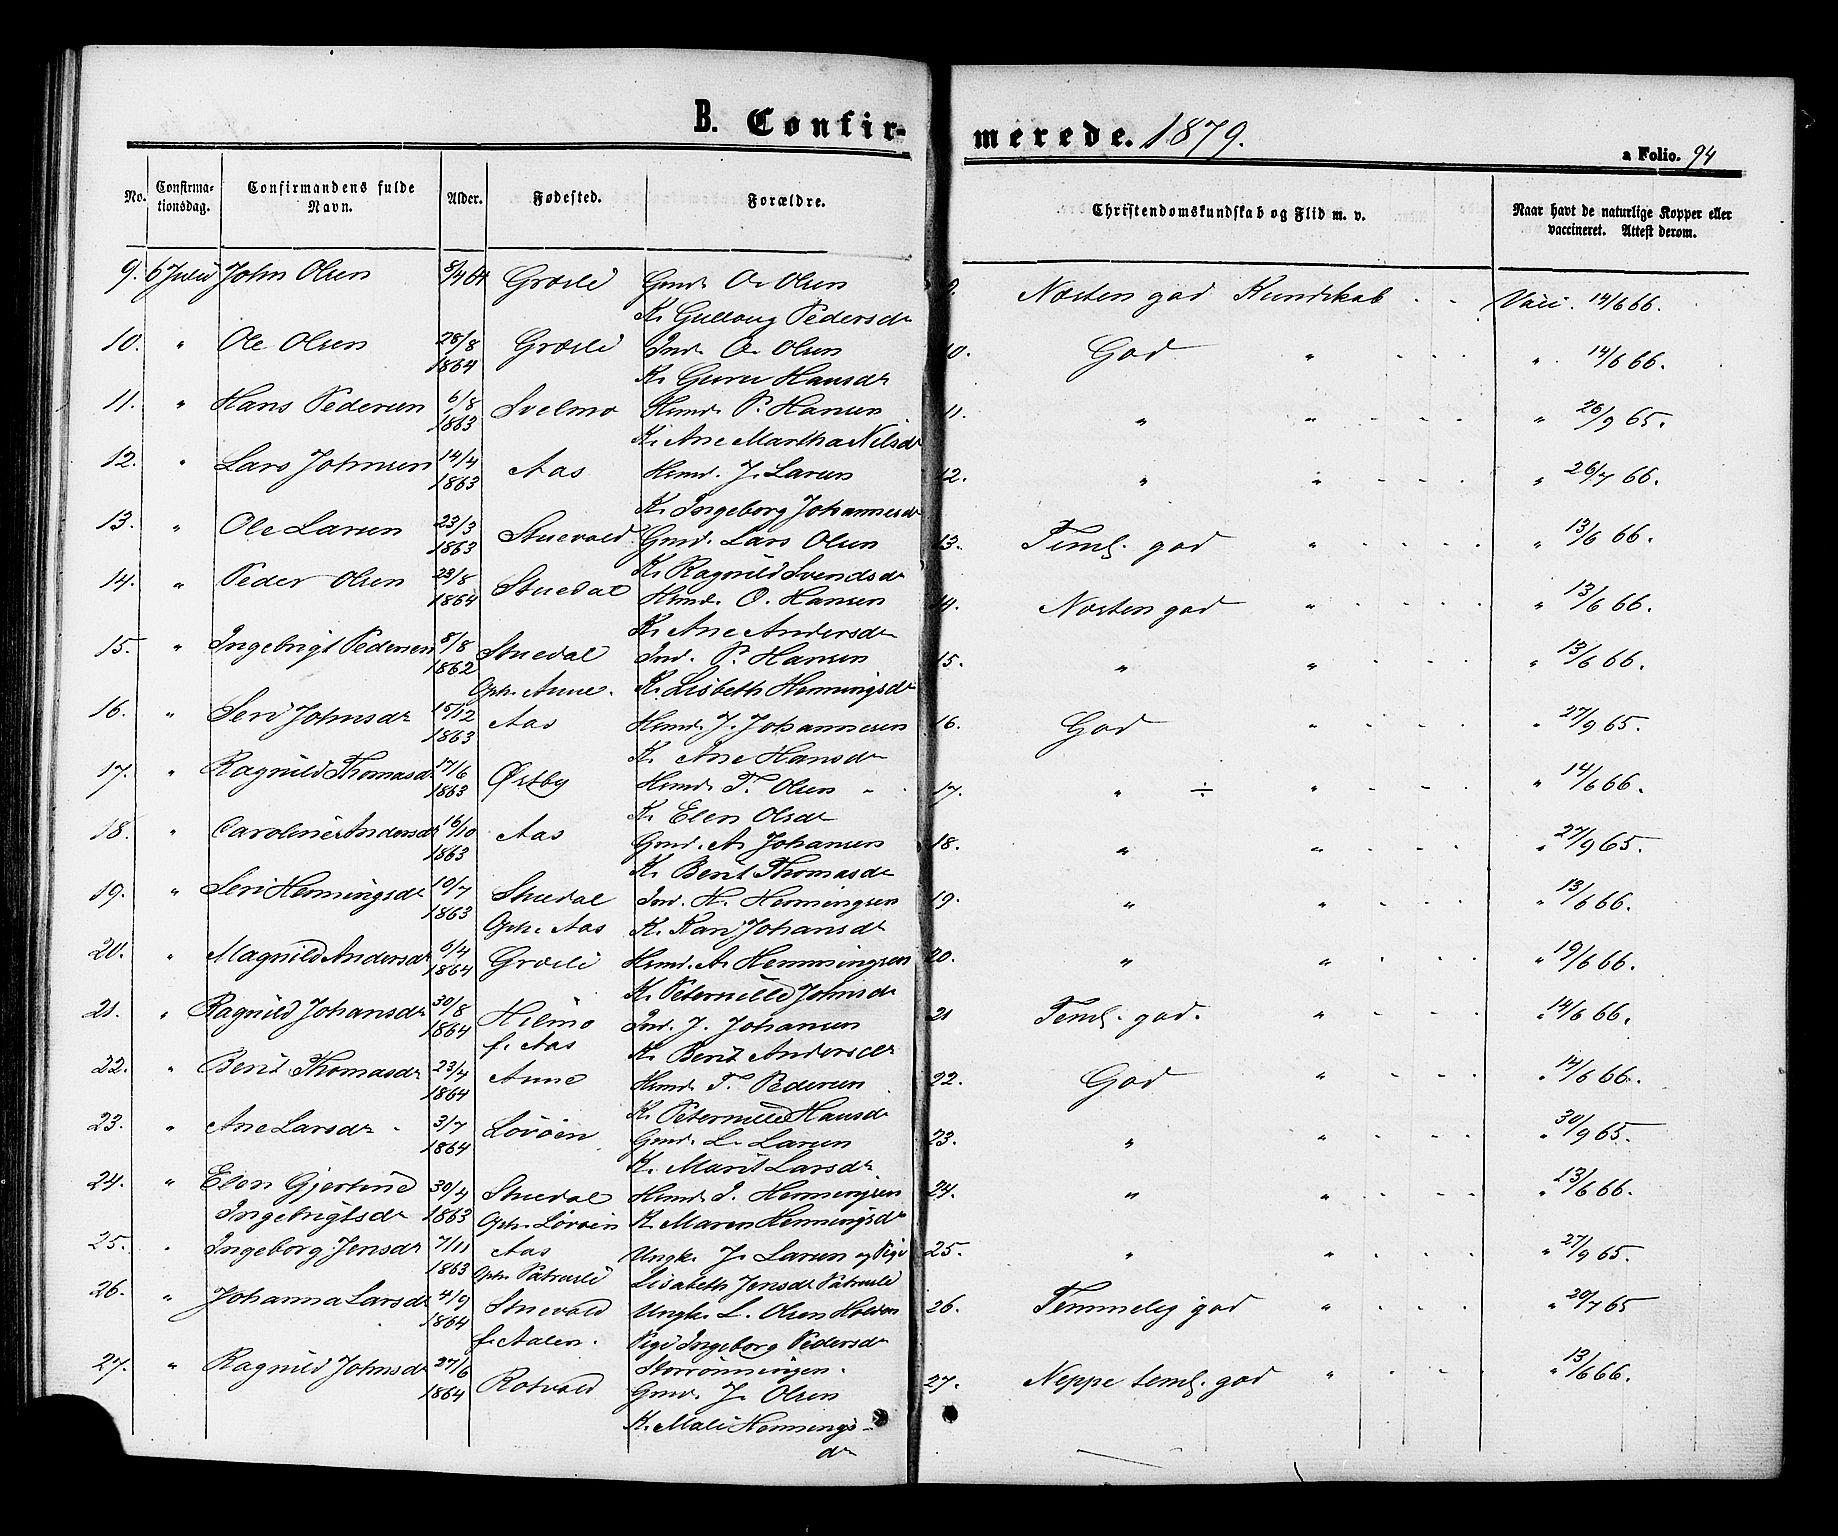 SAT, Ministerialprotokoller, klokkerbøker og fødselsregistre - Sør-Trøndelag, 698/L1163: Ministerialbok nr. 698A01, 1862-1887, s. 94